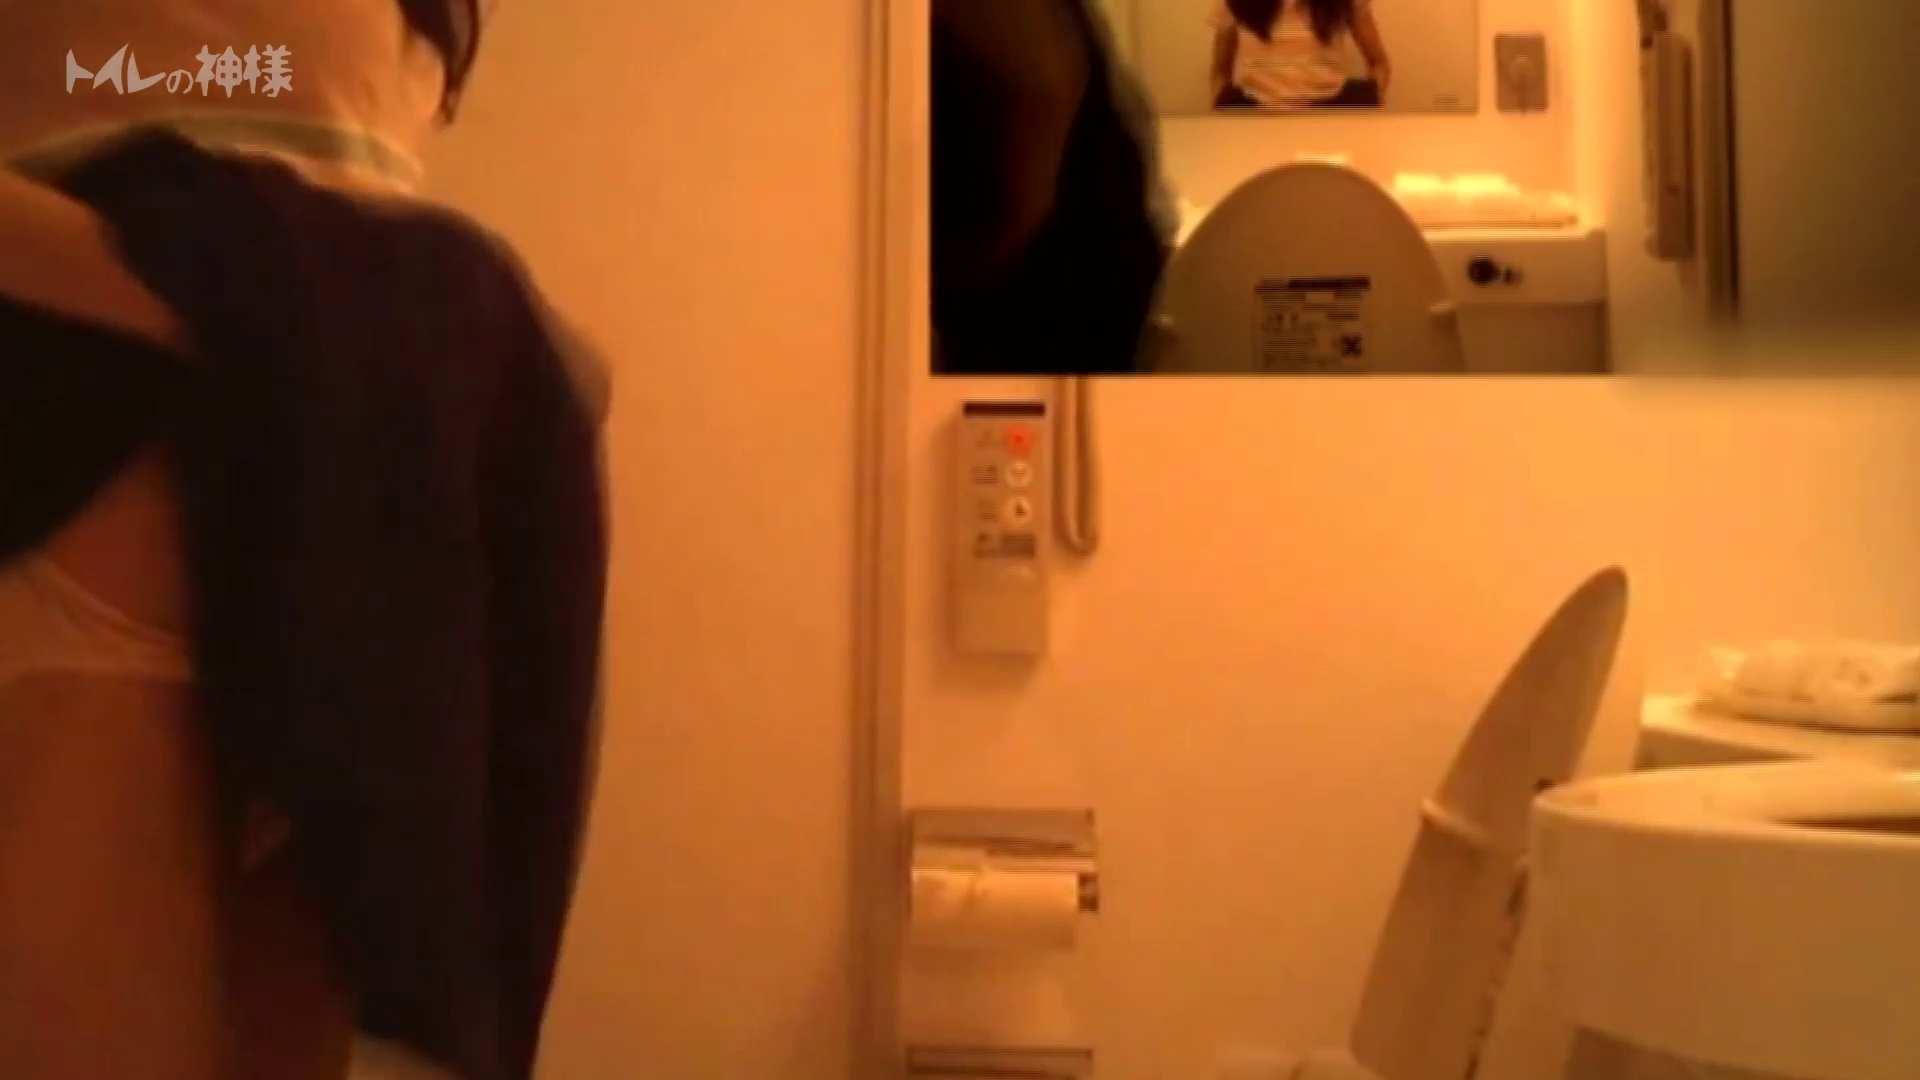 Vol.04 女子大生のトイレ恥態 洗面所のぞき すけべAV動画紹介 92枚 16